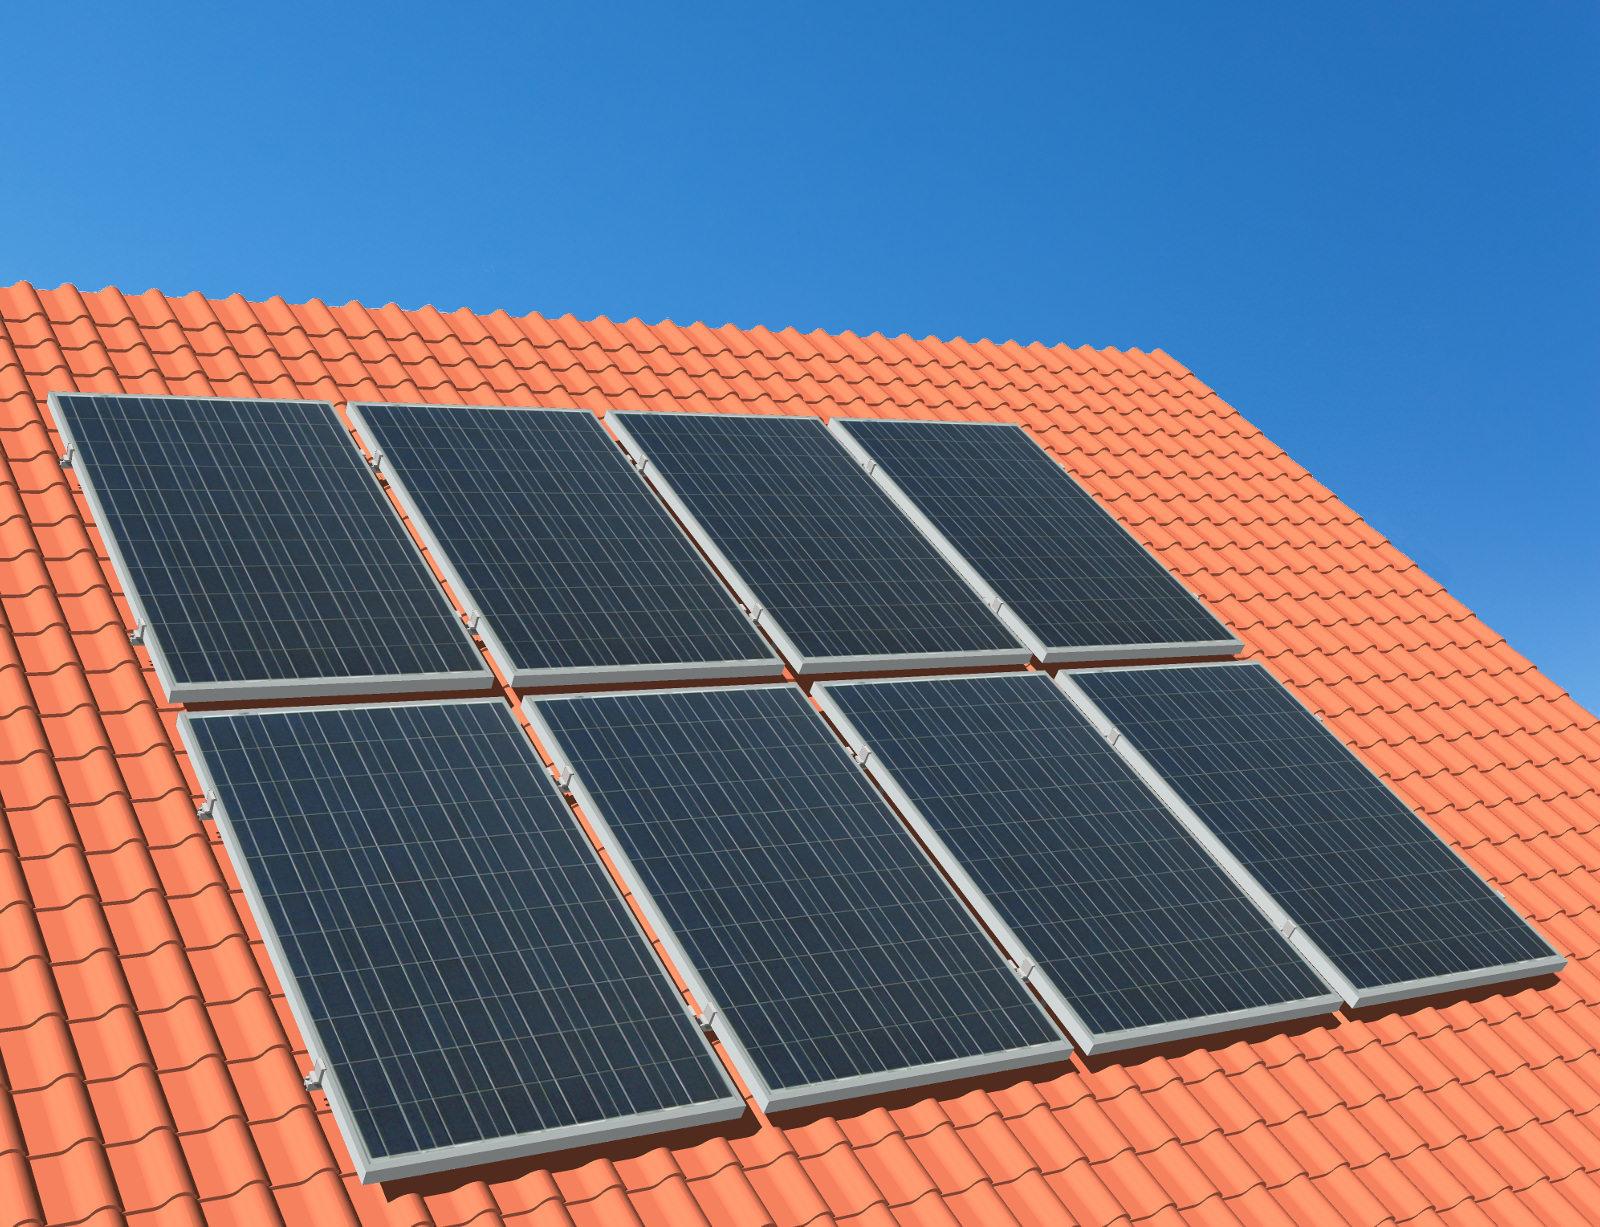 myCleantechSolarPower™ Solaranalage Schrägdach mit 8 Pannels - Musterbild